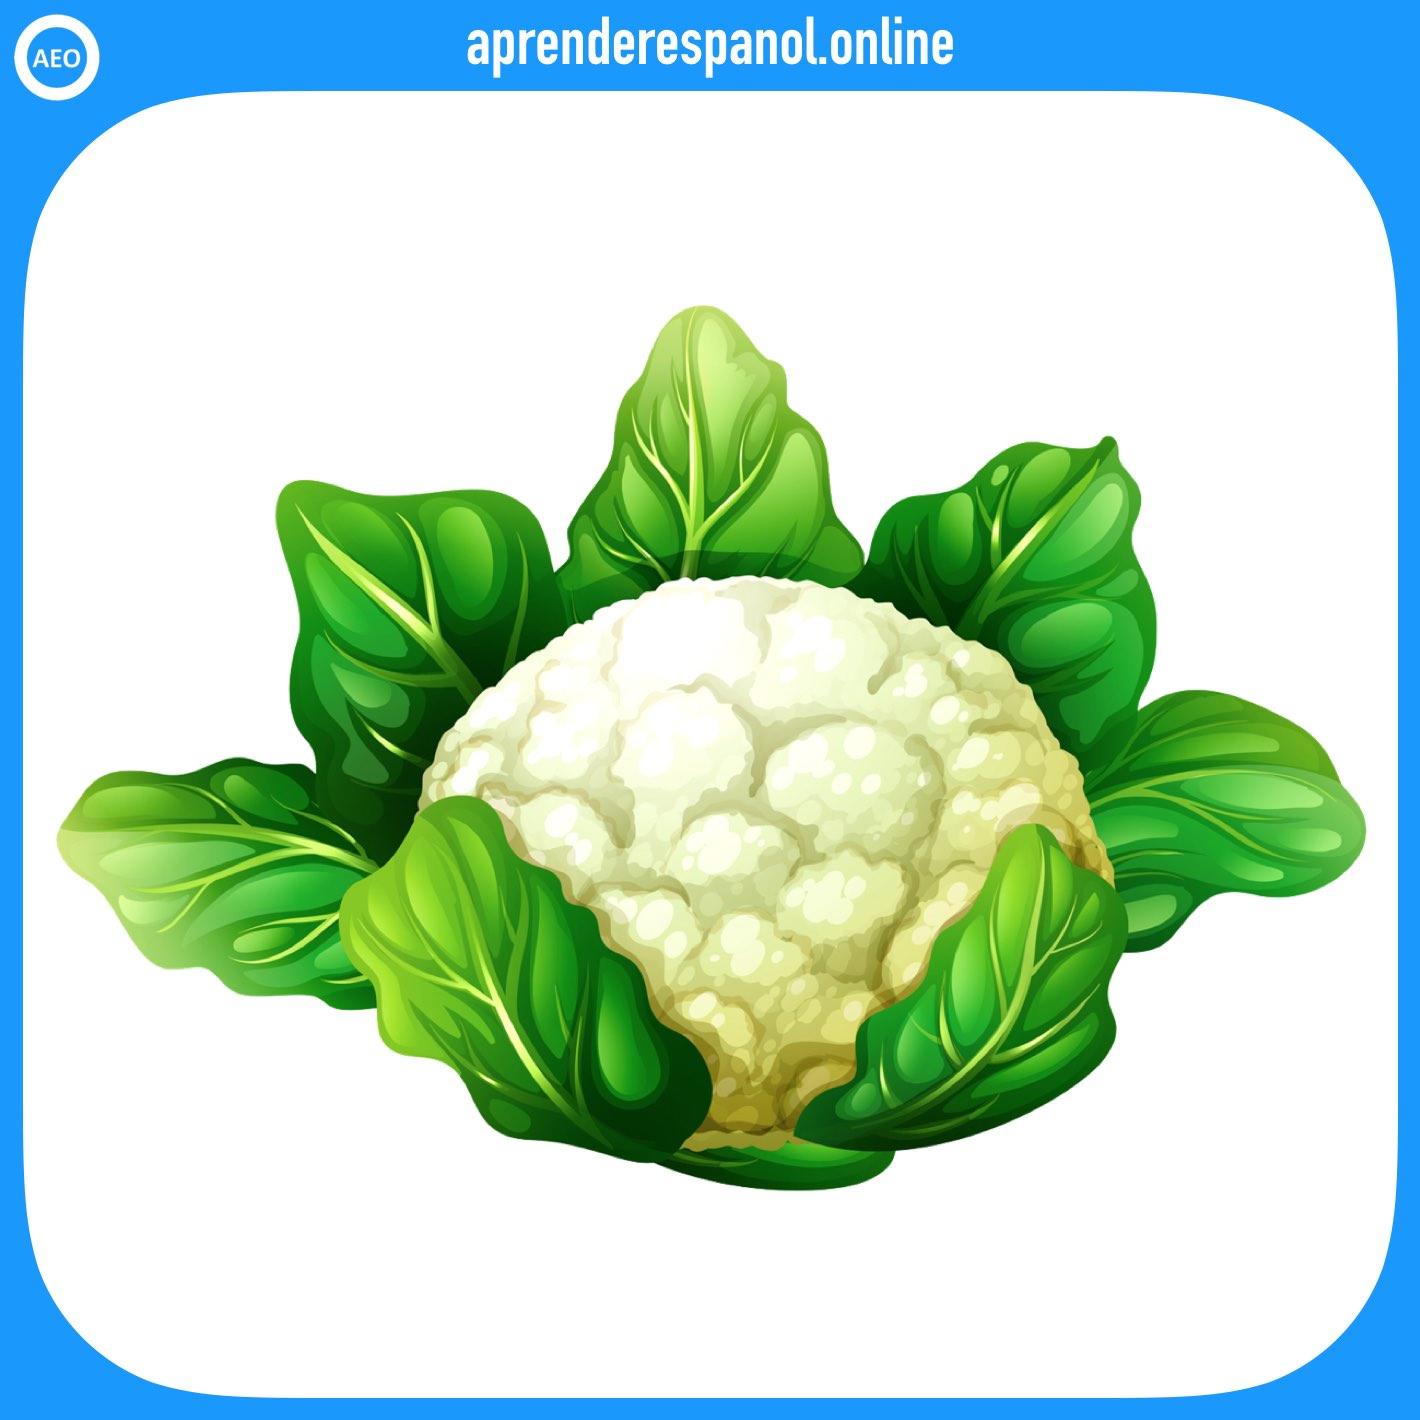 coliflor | verduras en español | vocabulario de las verduras en español